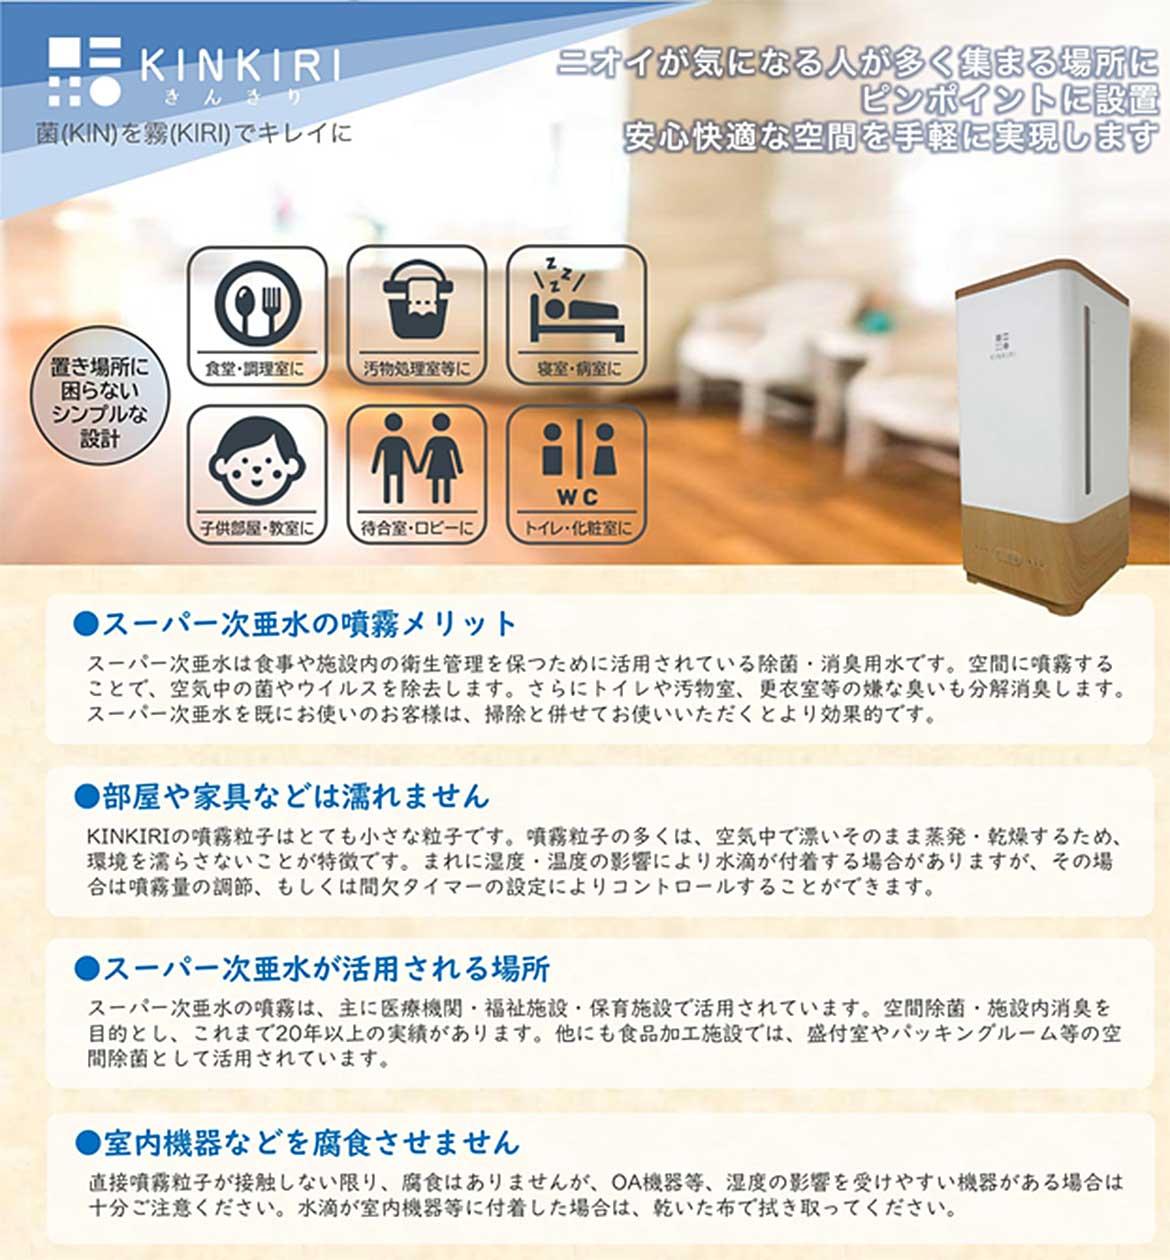 ニオイが気になる 人が集まる場所にピンポイントに設置 スーパー次亜水専用噴霧器 KINKIRI(きんきり)